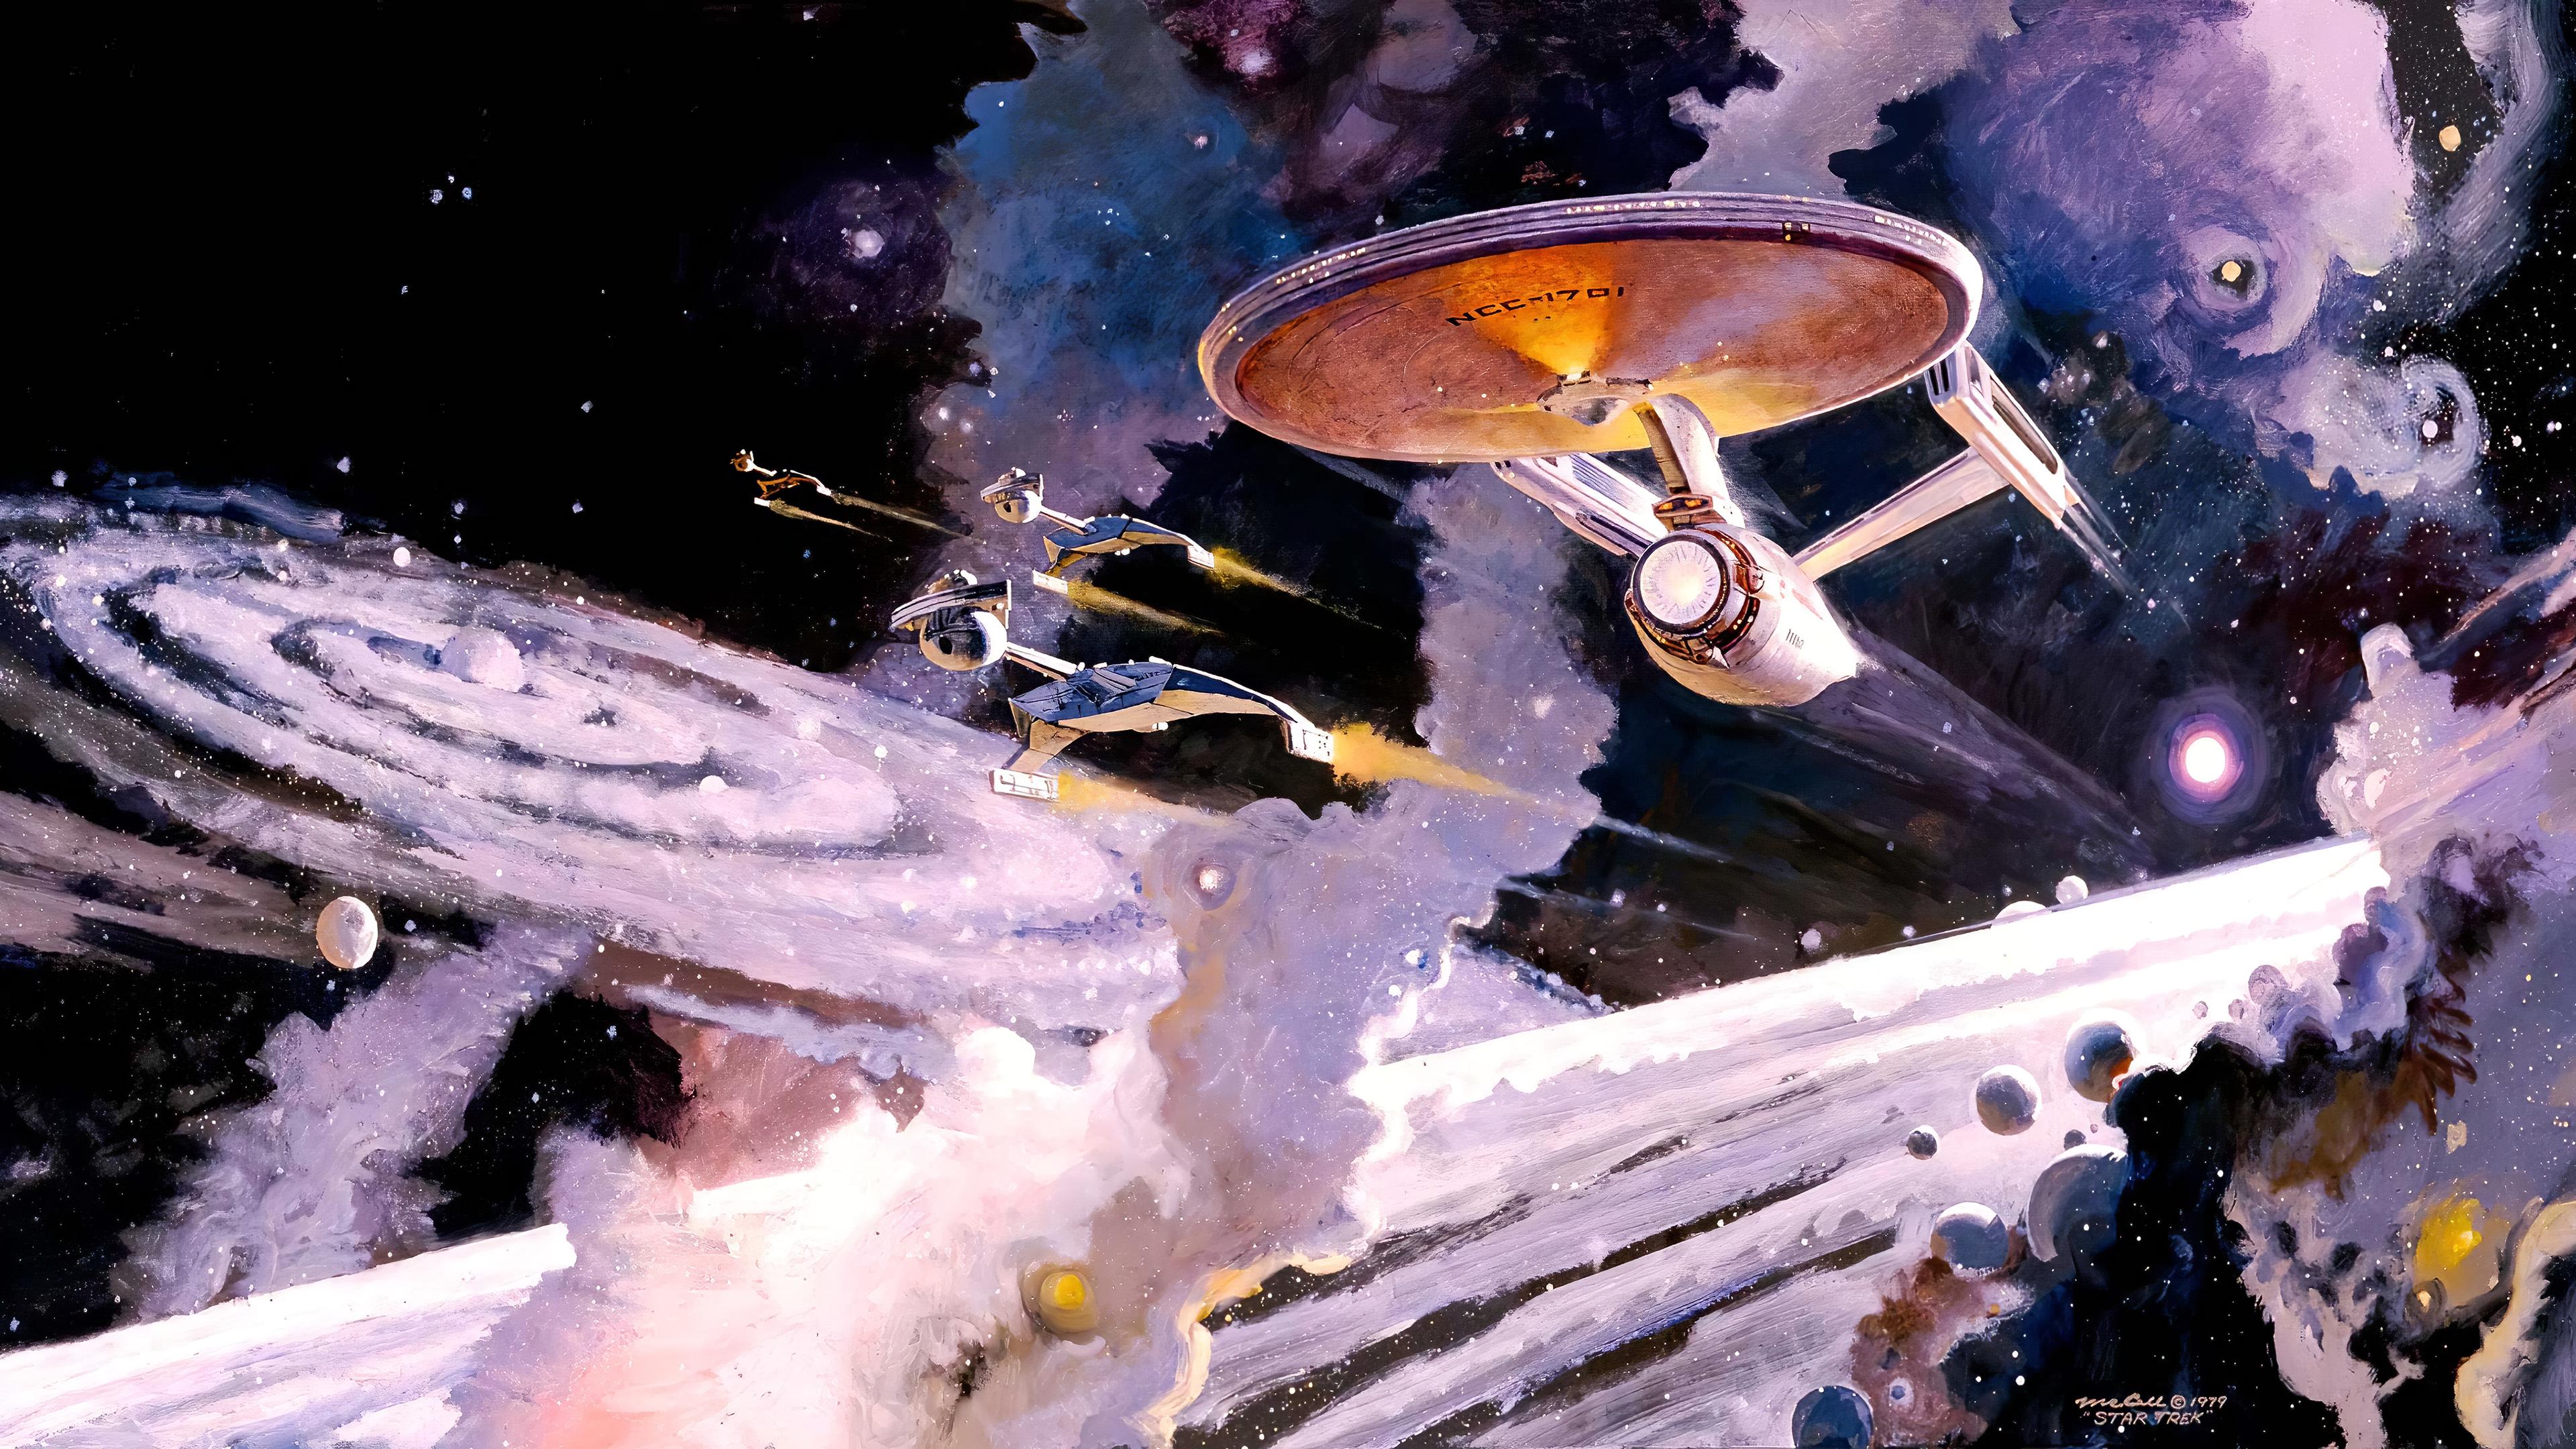 Masaustu Boyama Resim Bosluk Evren Star Trek Star Trek Tos